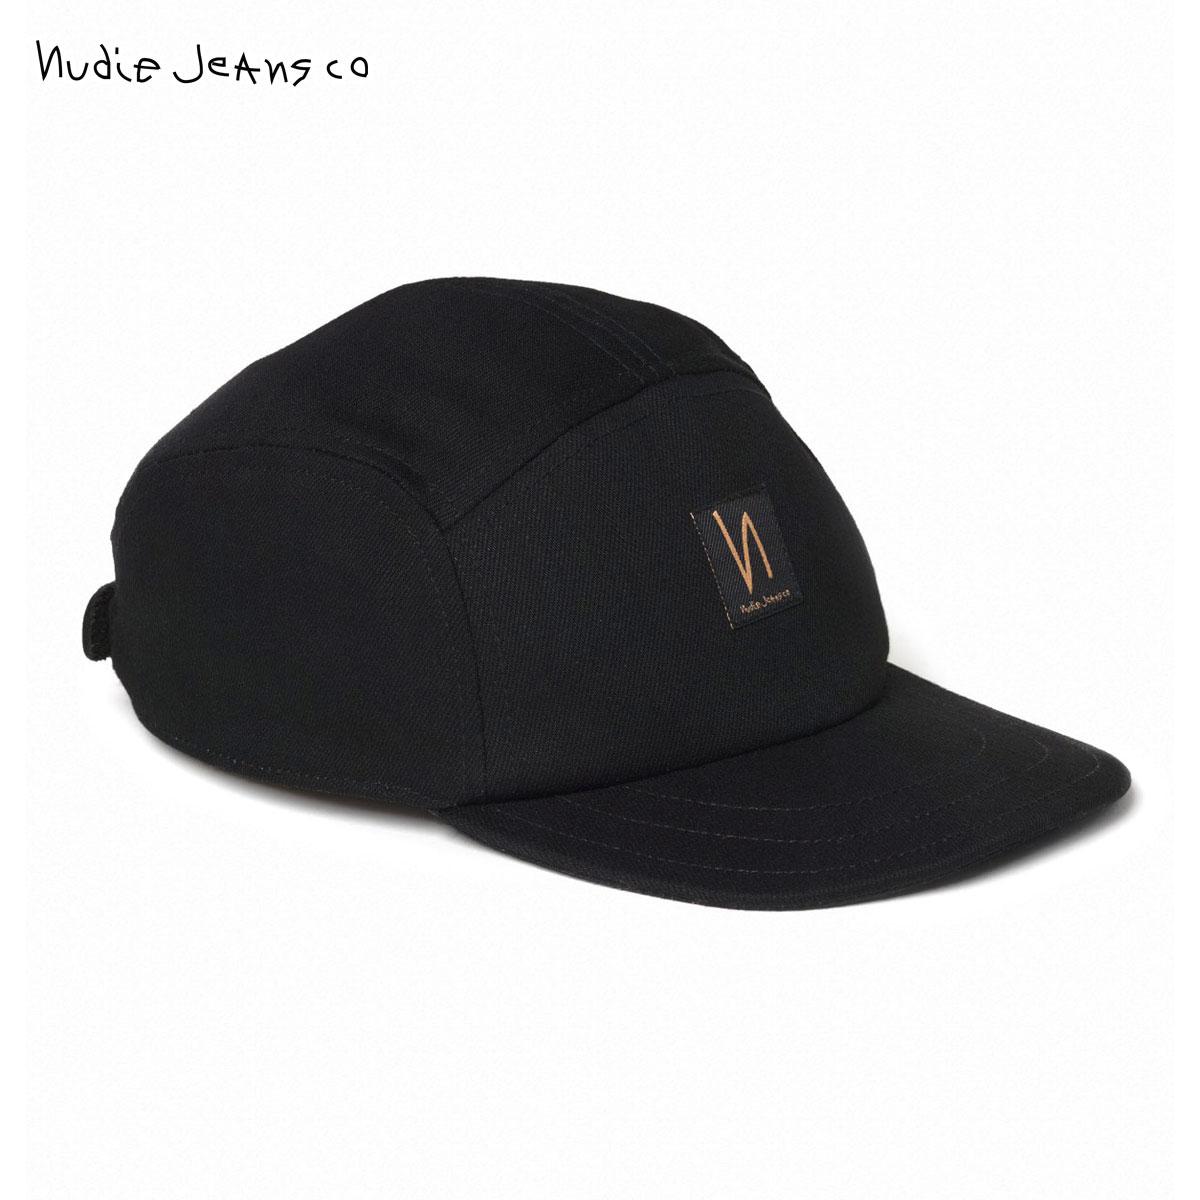 ヌーディージーンズ Nudie Jeans 正規販売店 メンズ レディース 帽子 キャップ LARSSON DRY BLACK CAP BLACK B01 180803 父の日